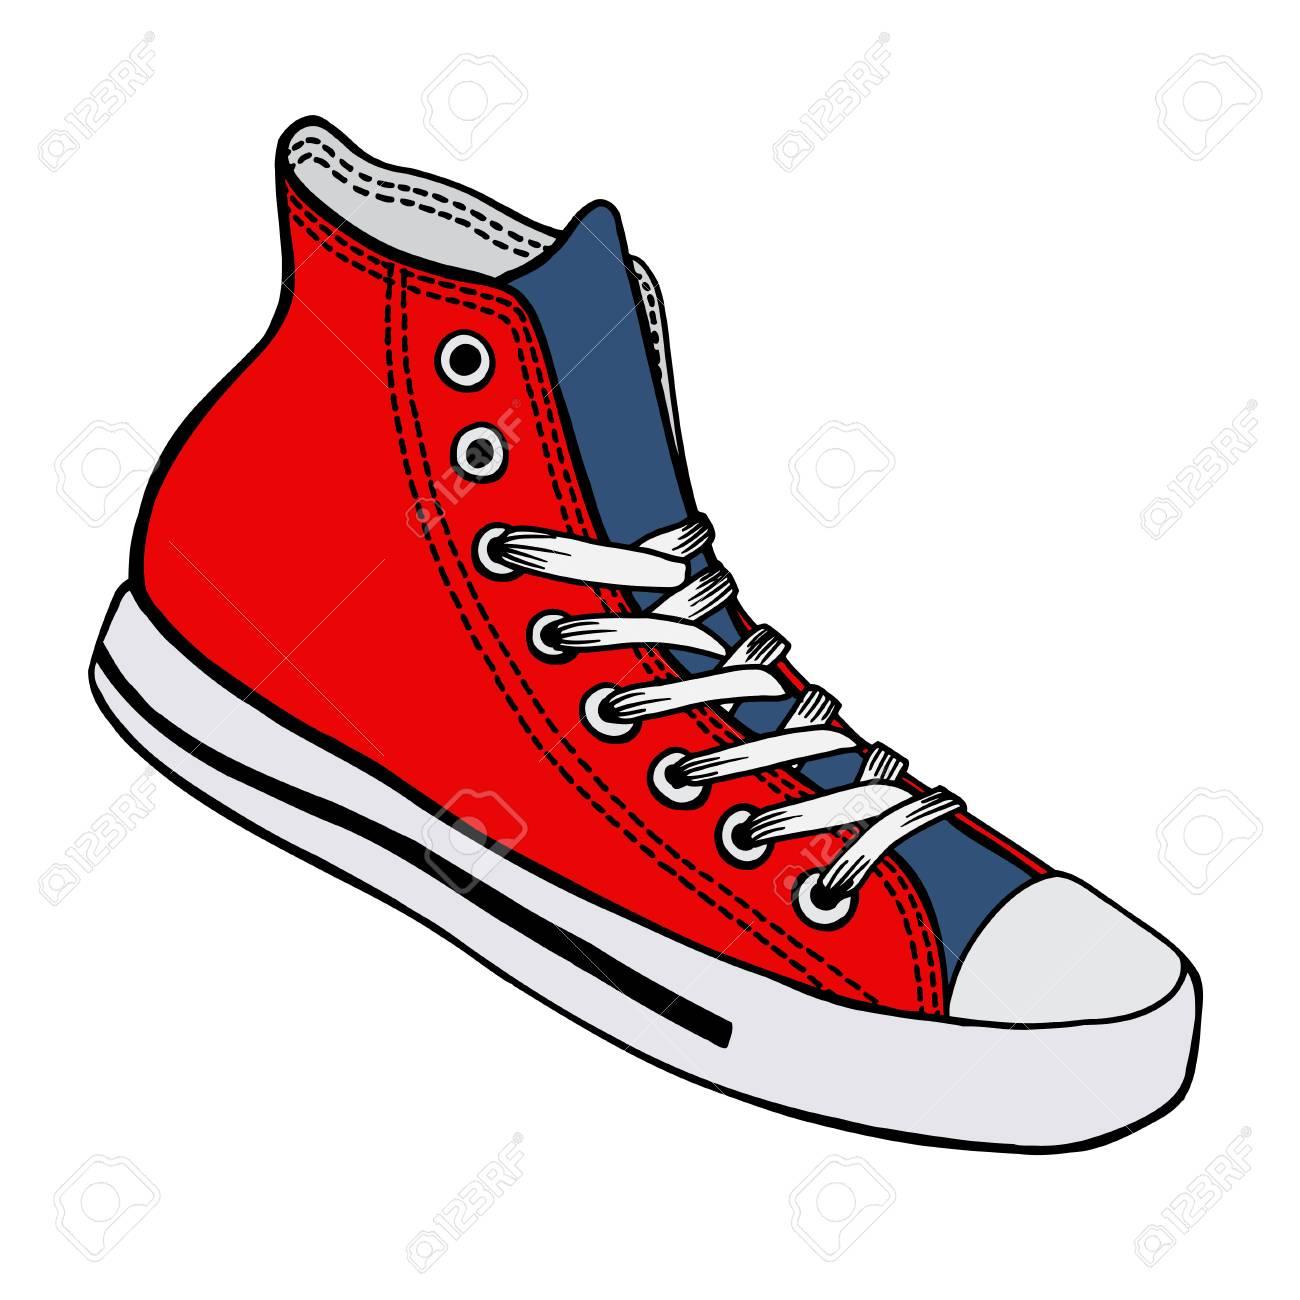 Vector illustration chaussures de sport rouges et bleues avec lacets blancs isolés sur fond blanc, dessinés à la main, vue latérale